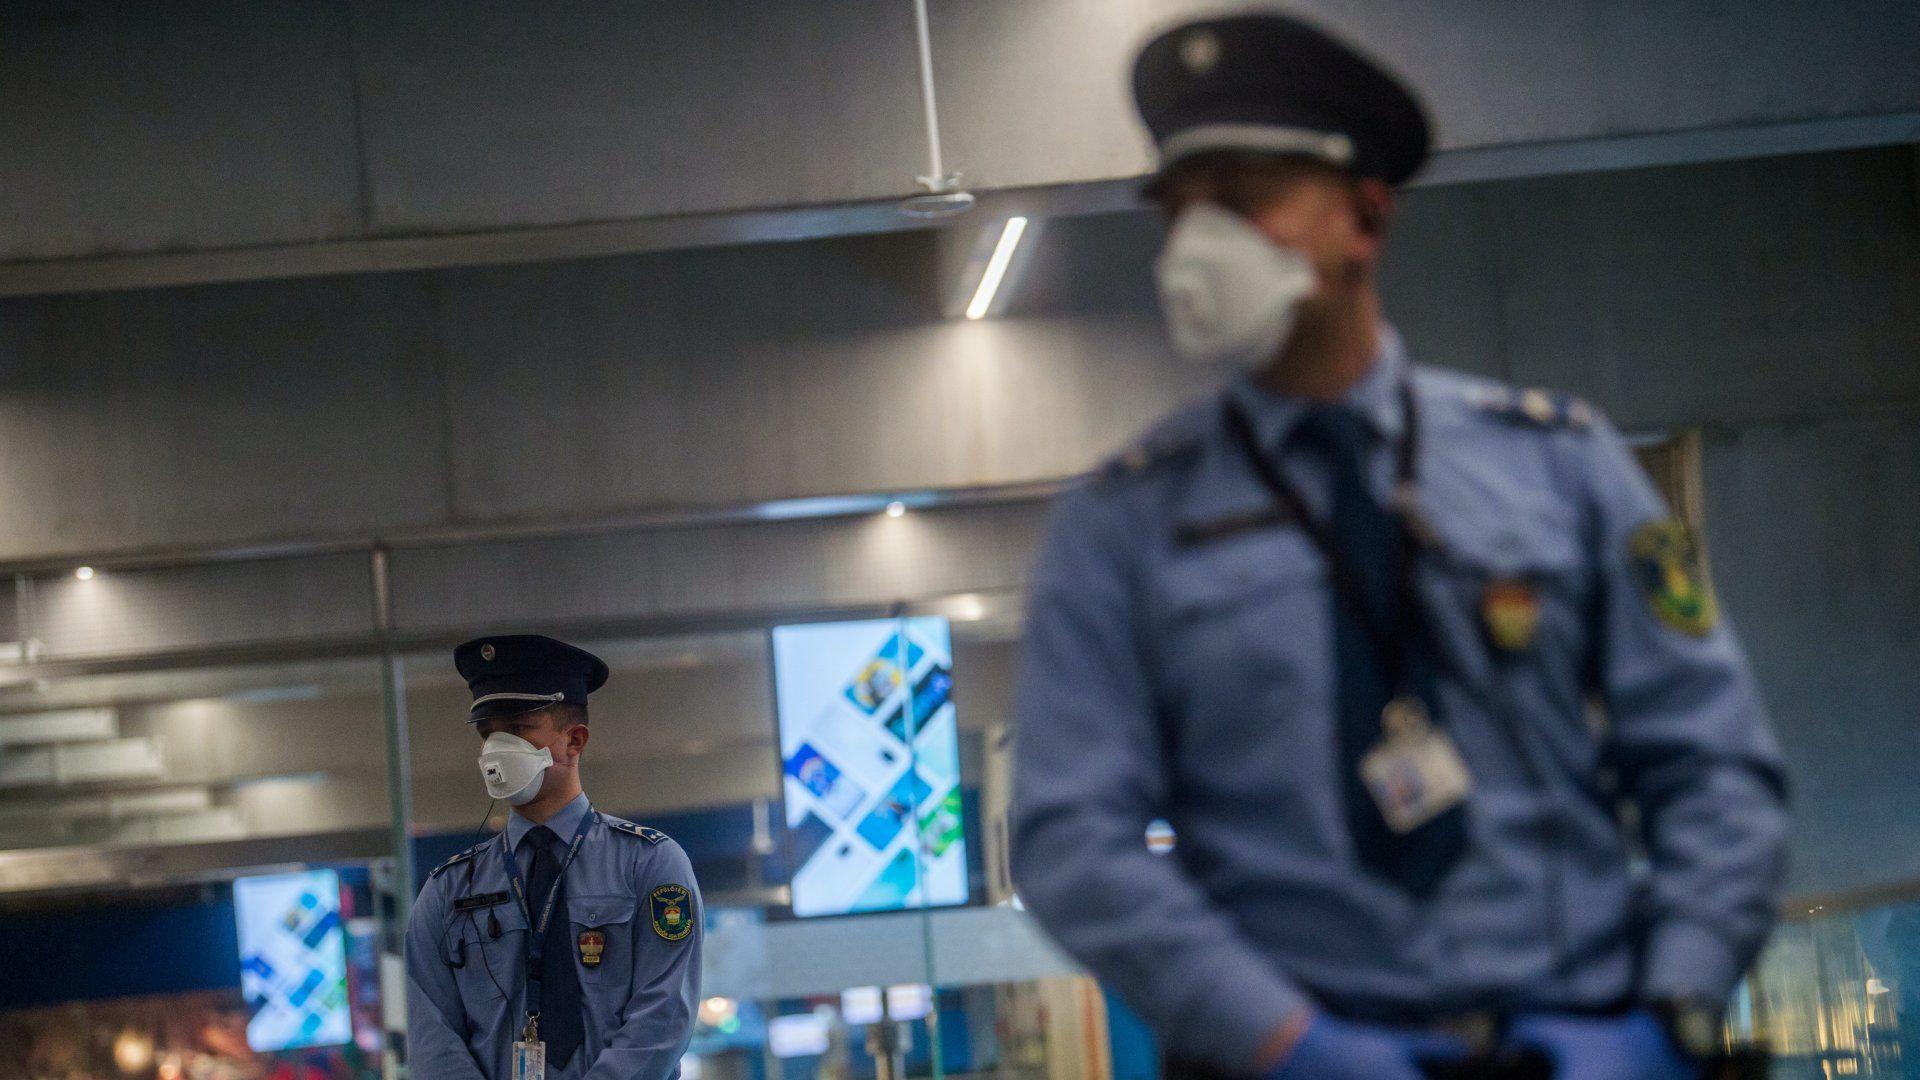 Egészségügyi maszkot viselő rendőrök a Liszt Ferenc-repülőtéren 2020. február 5-én (fotó: MTI/Balogh Zoltán)